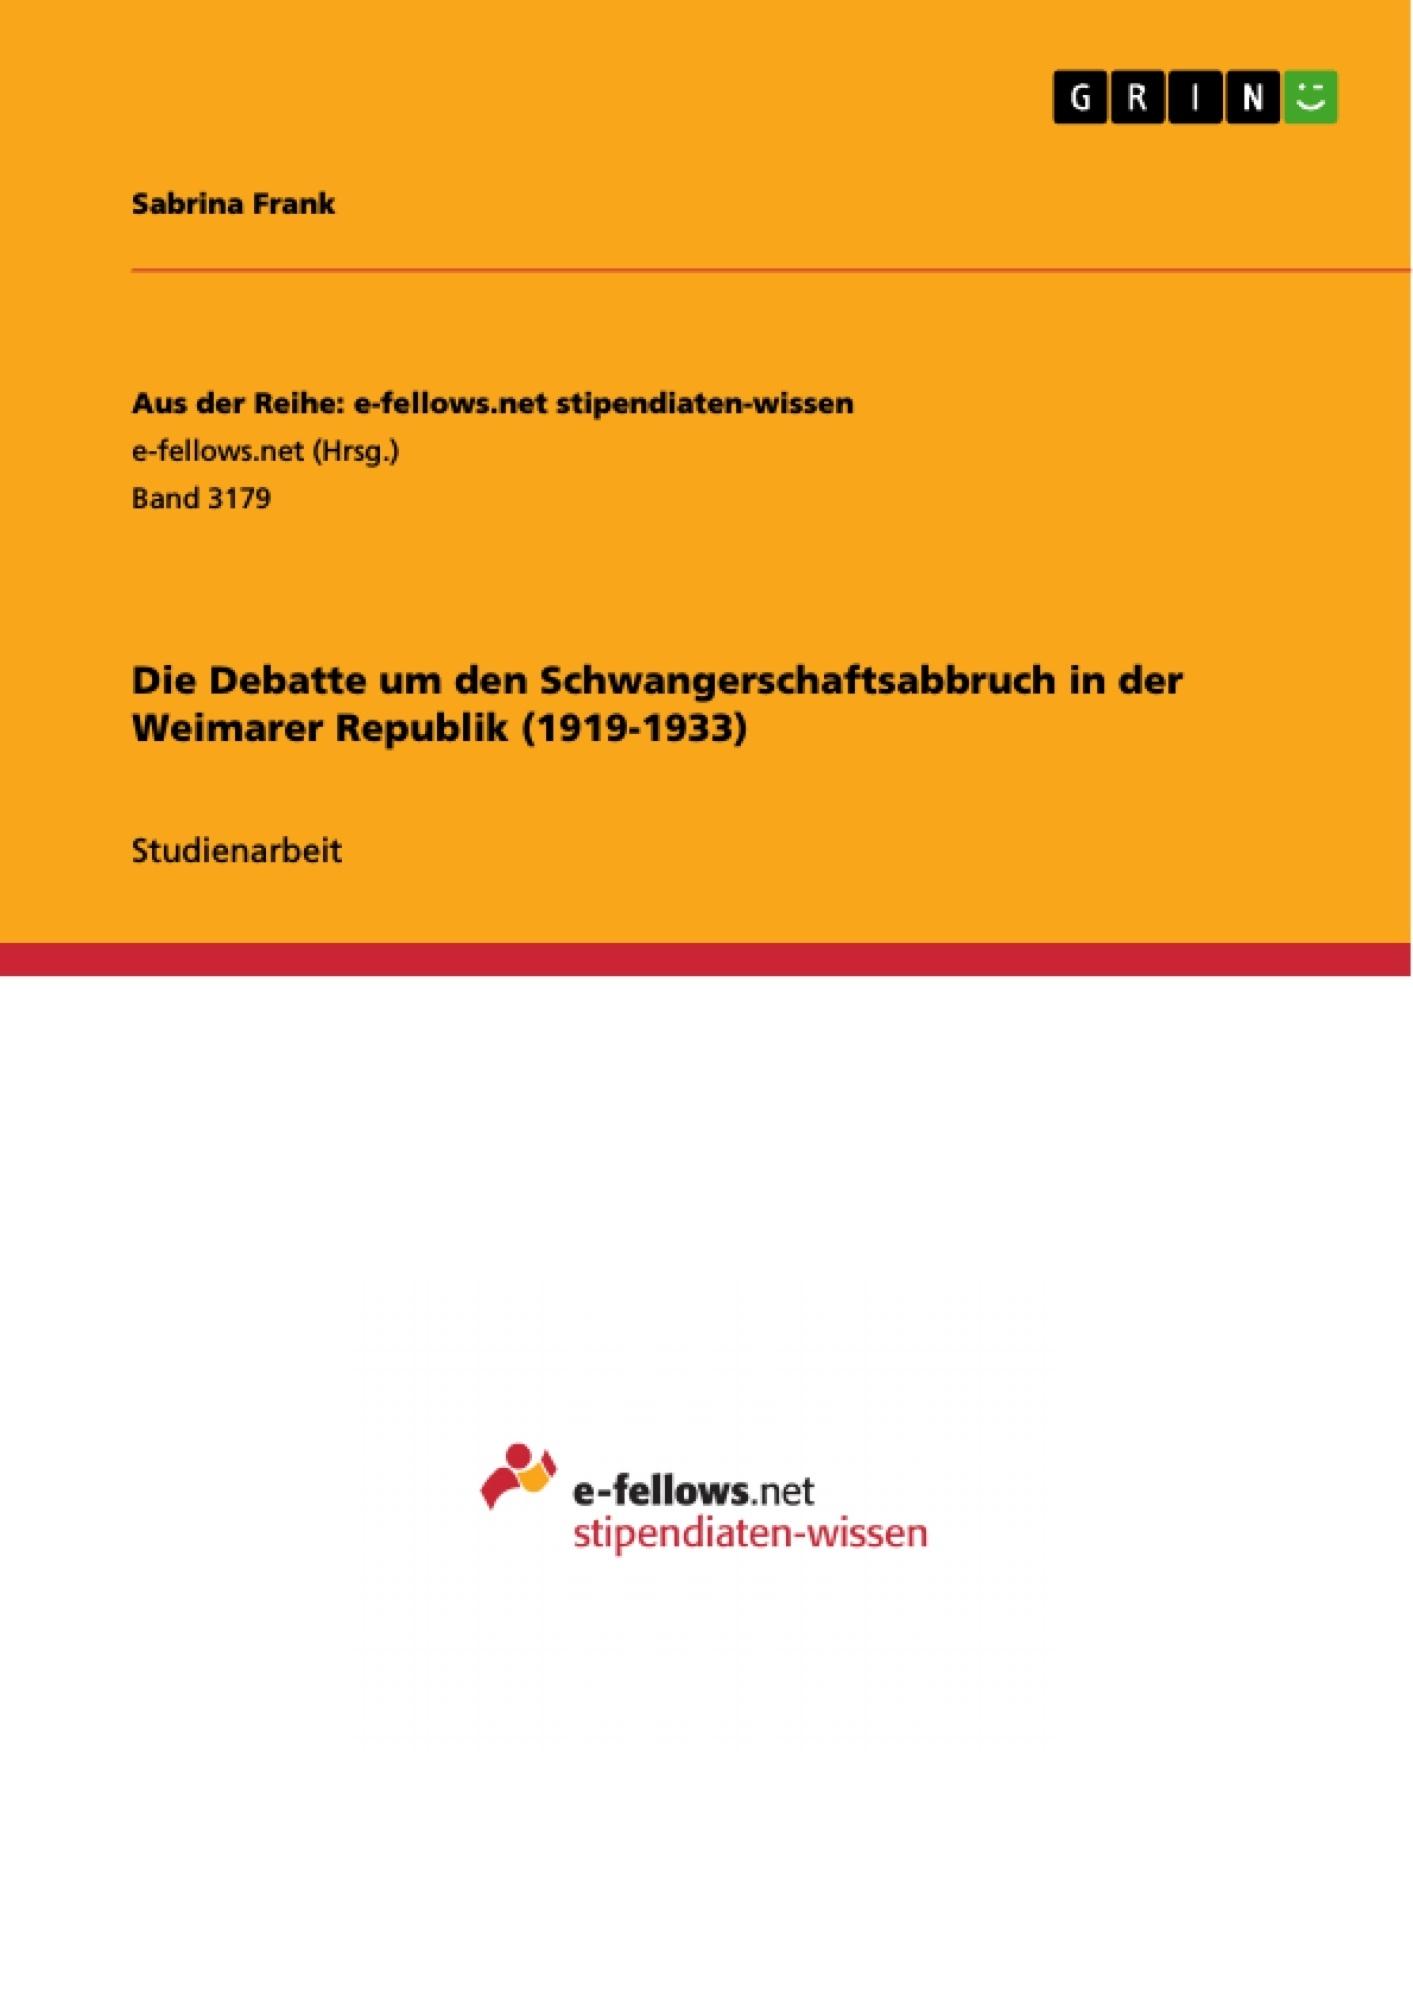 Titel: Die Debatte um den Schwangerschaftsabbruch in der Weimarer Republik (1919-1933)